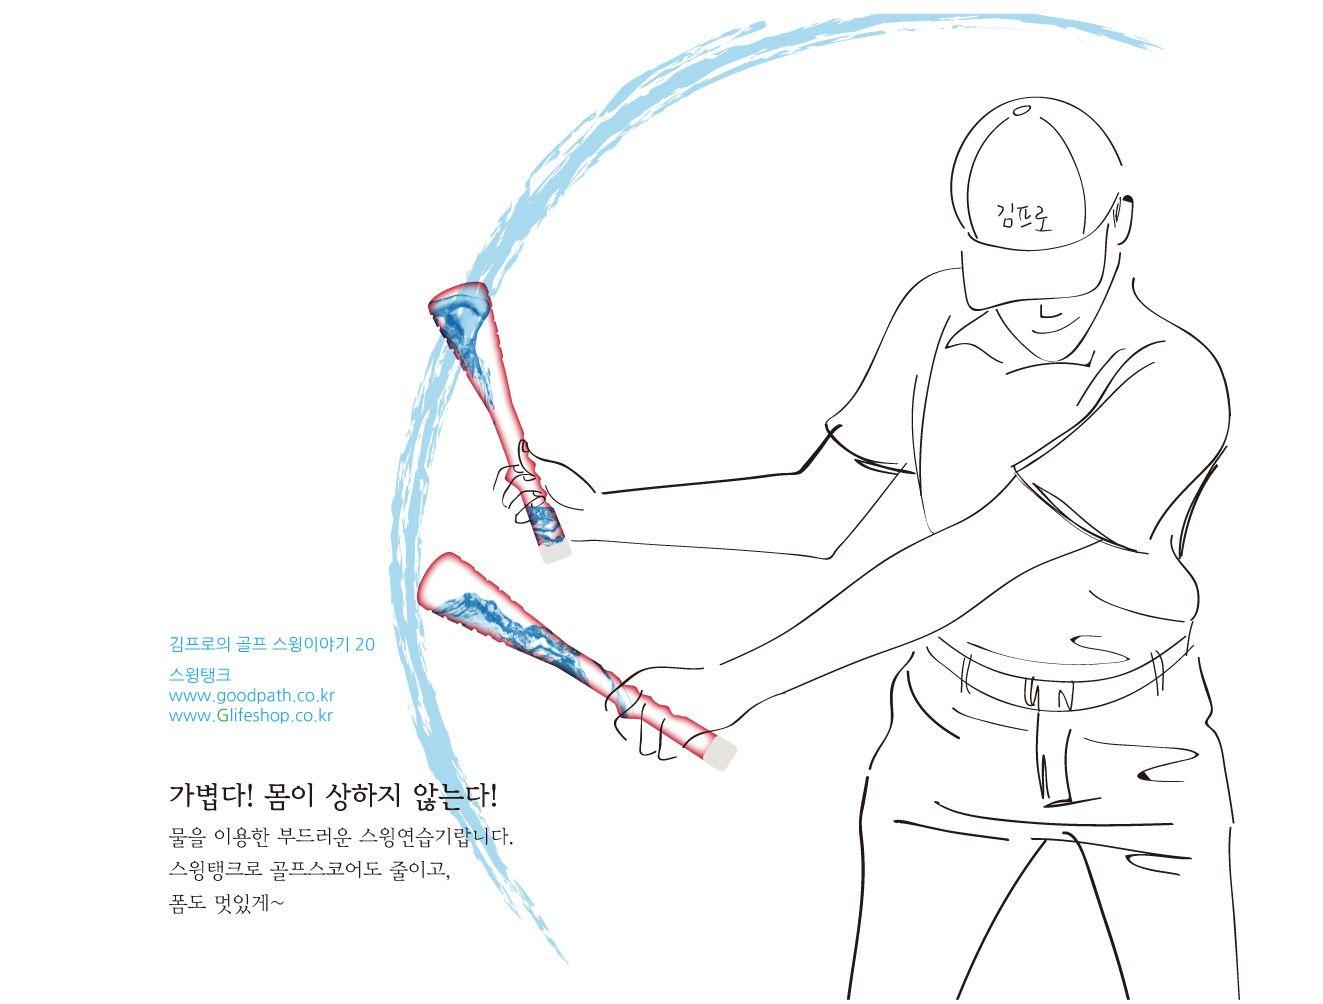 """비거리를 늘리는 방법.  """"오른쪽 팔굼치를 밀착시켜라. 팔꿈치가 벌어질수록 다운스윙 때 클럽 헤드가 가파른 각도로 내려와 깎아 치는 것 같은 스윙을 하게 된다."""" - 이보미  집이나 사무실에서 스윙탱크로 부드러운 스윙을 숙련하세요. 스윙탱크 구매하기: www.glifeshop.co.kr"""